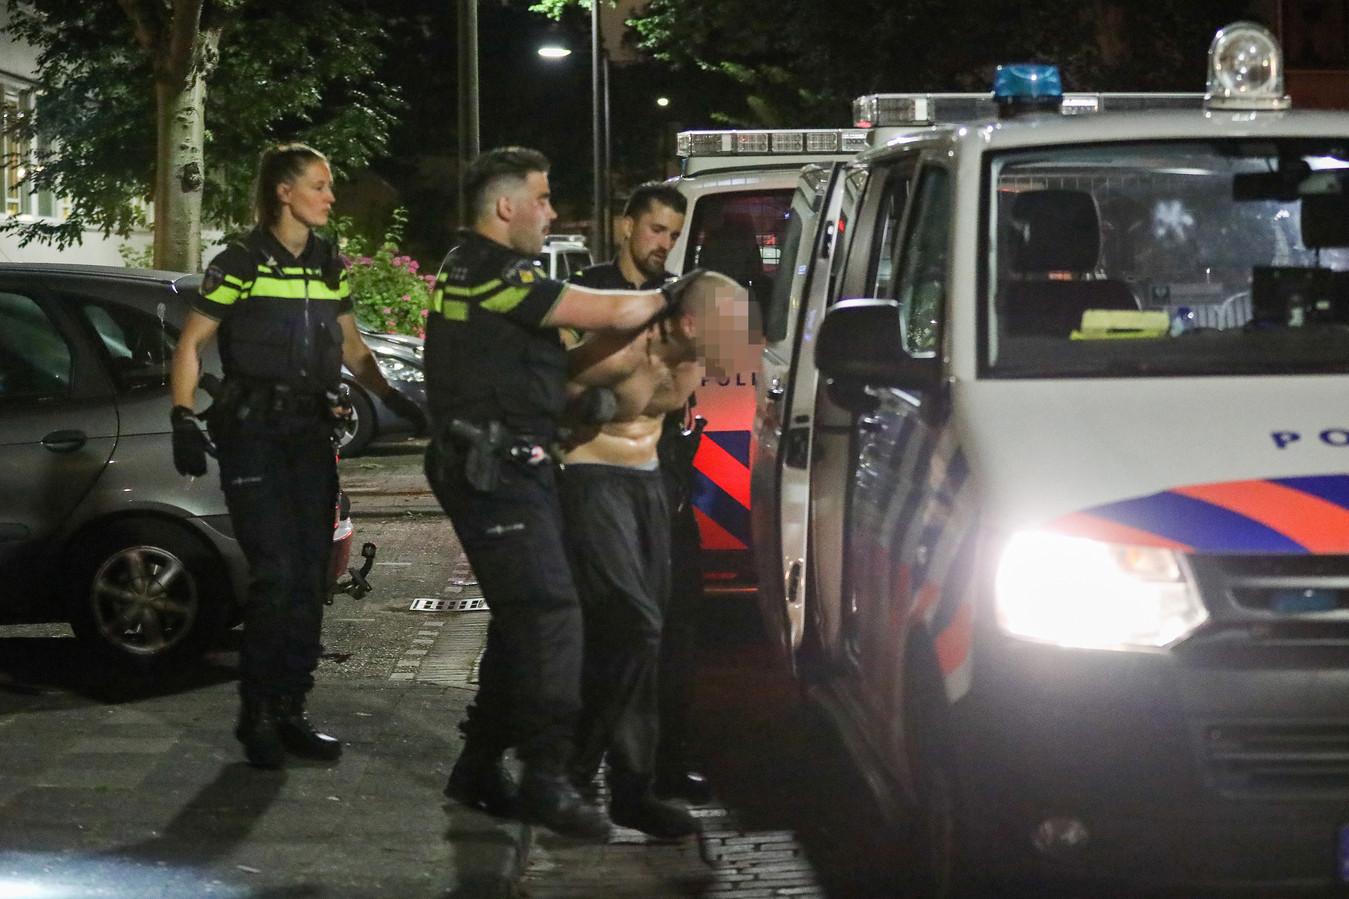 De verdachte (28) moest getaserd worden. Hij is met ontbloot bovenlijf afgevoerd.